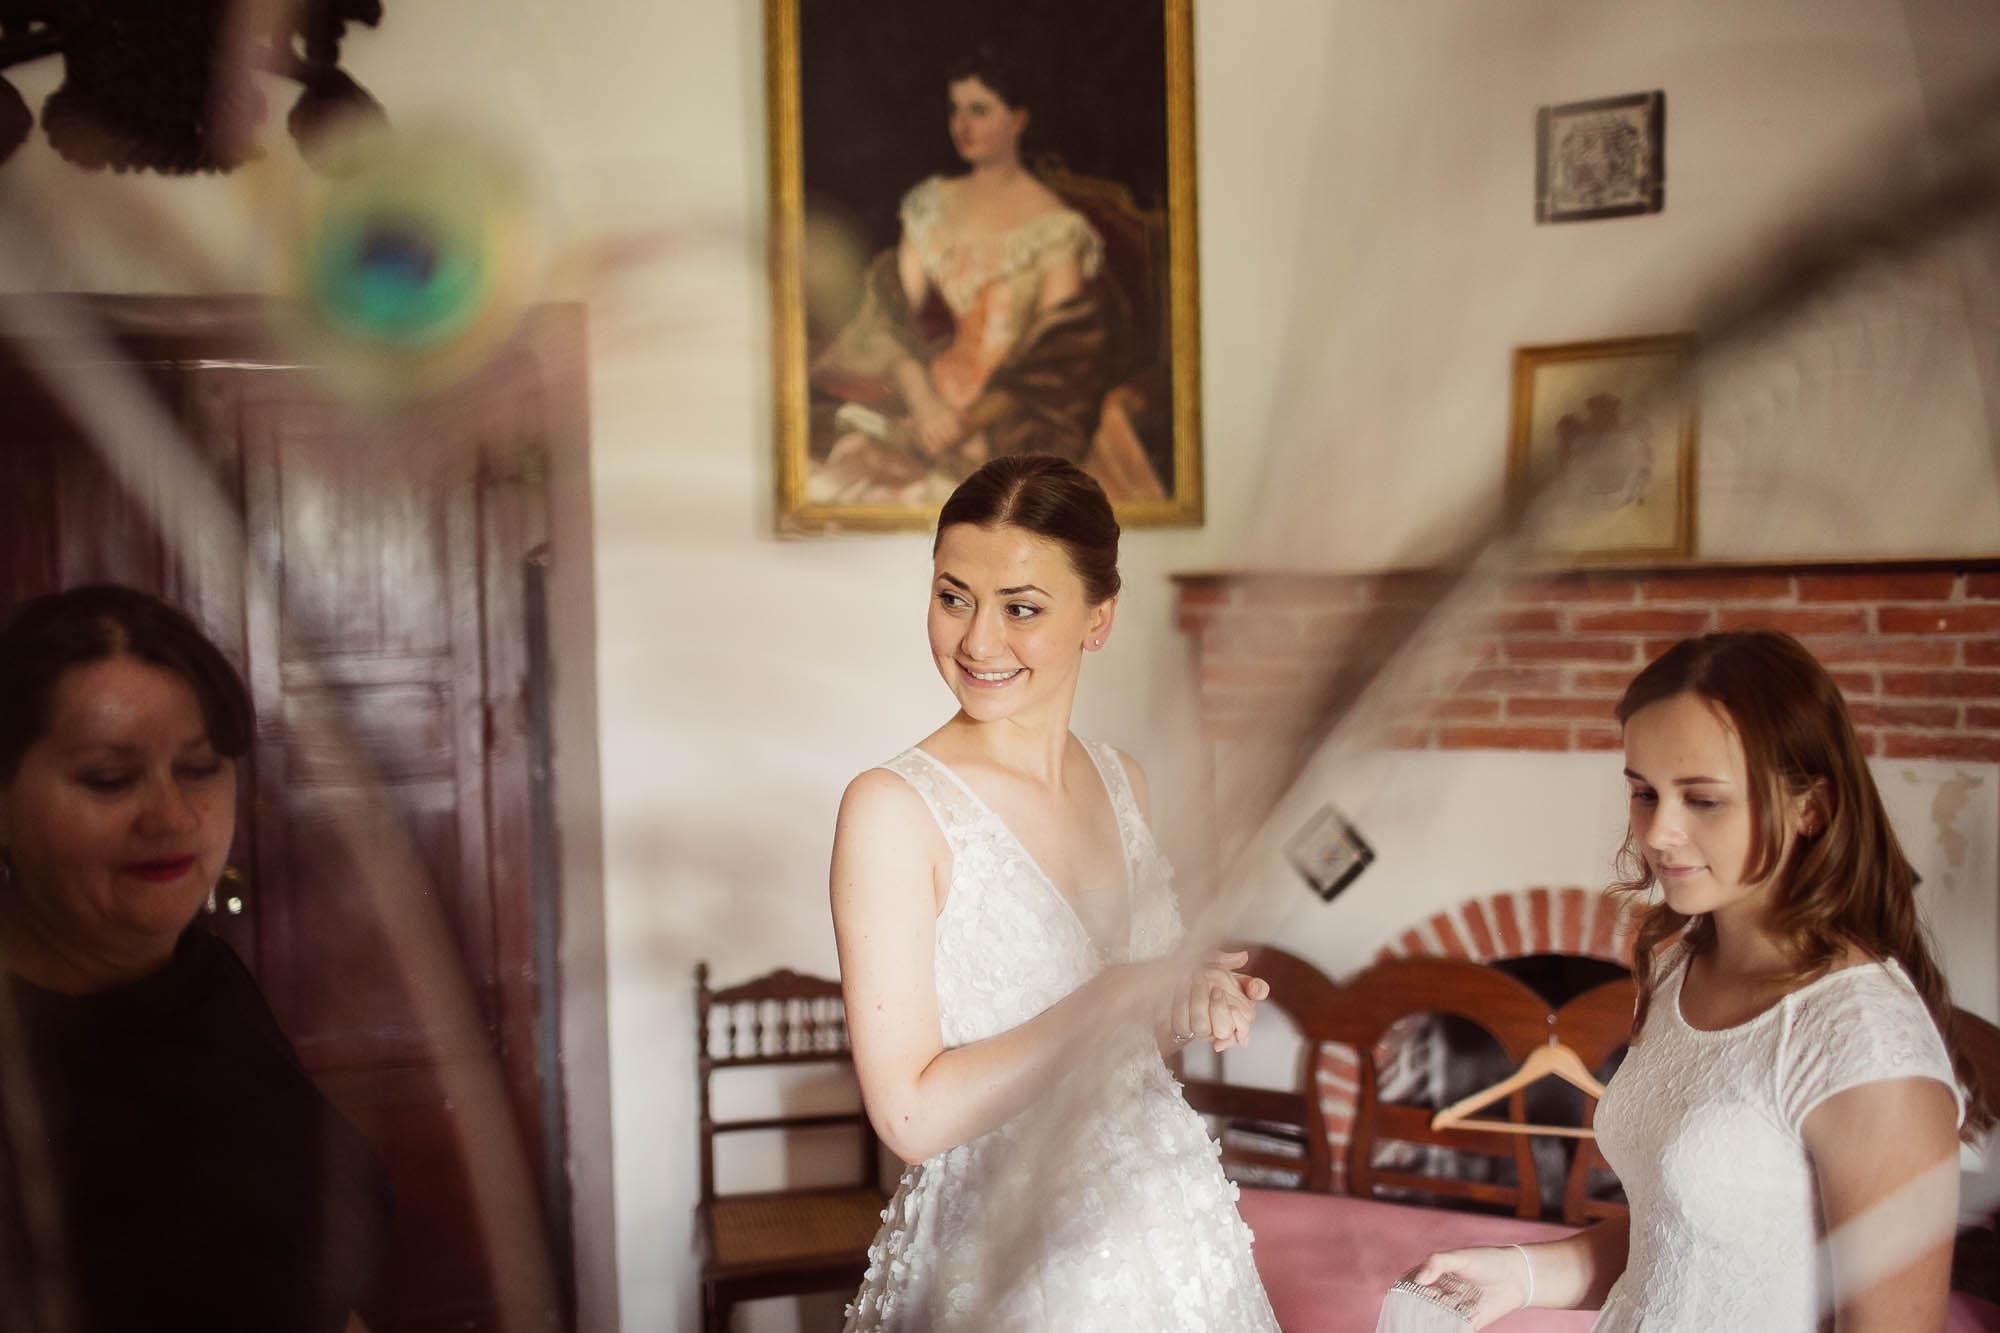 La novia sonríe antes de la boda